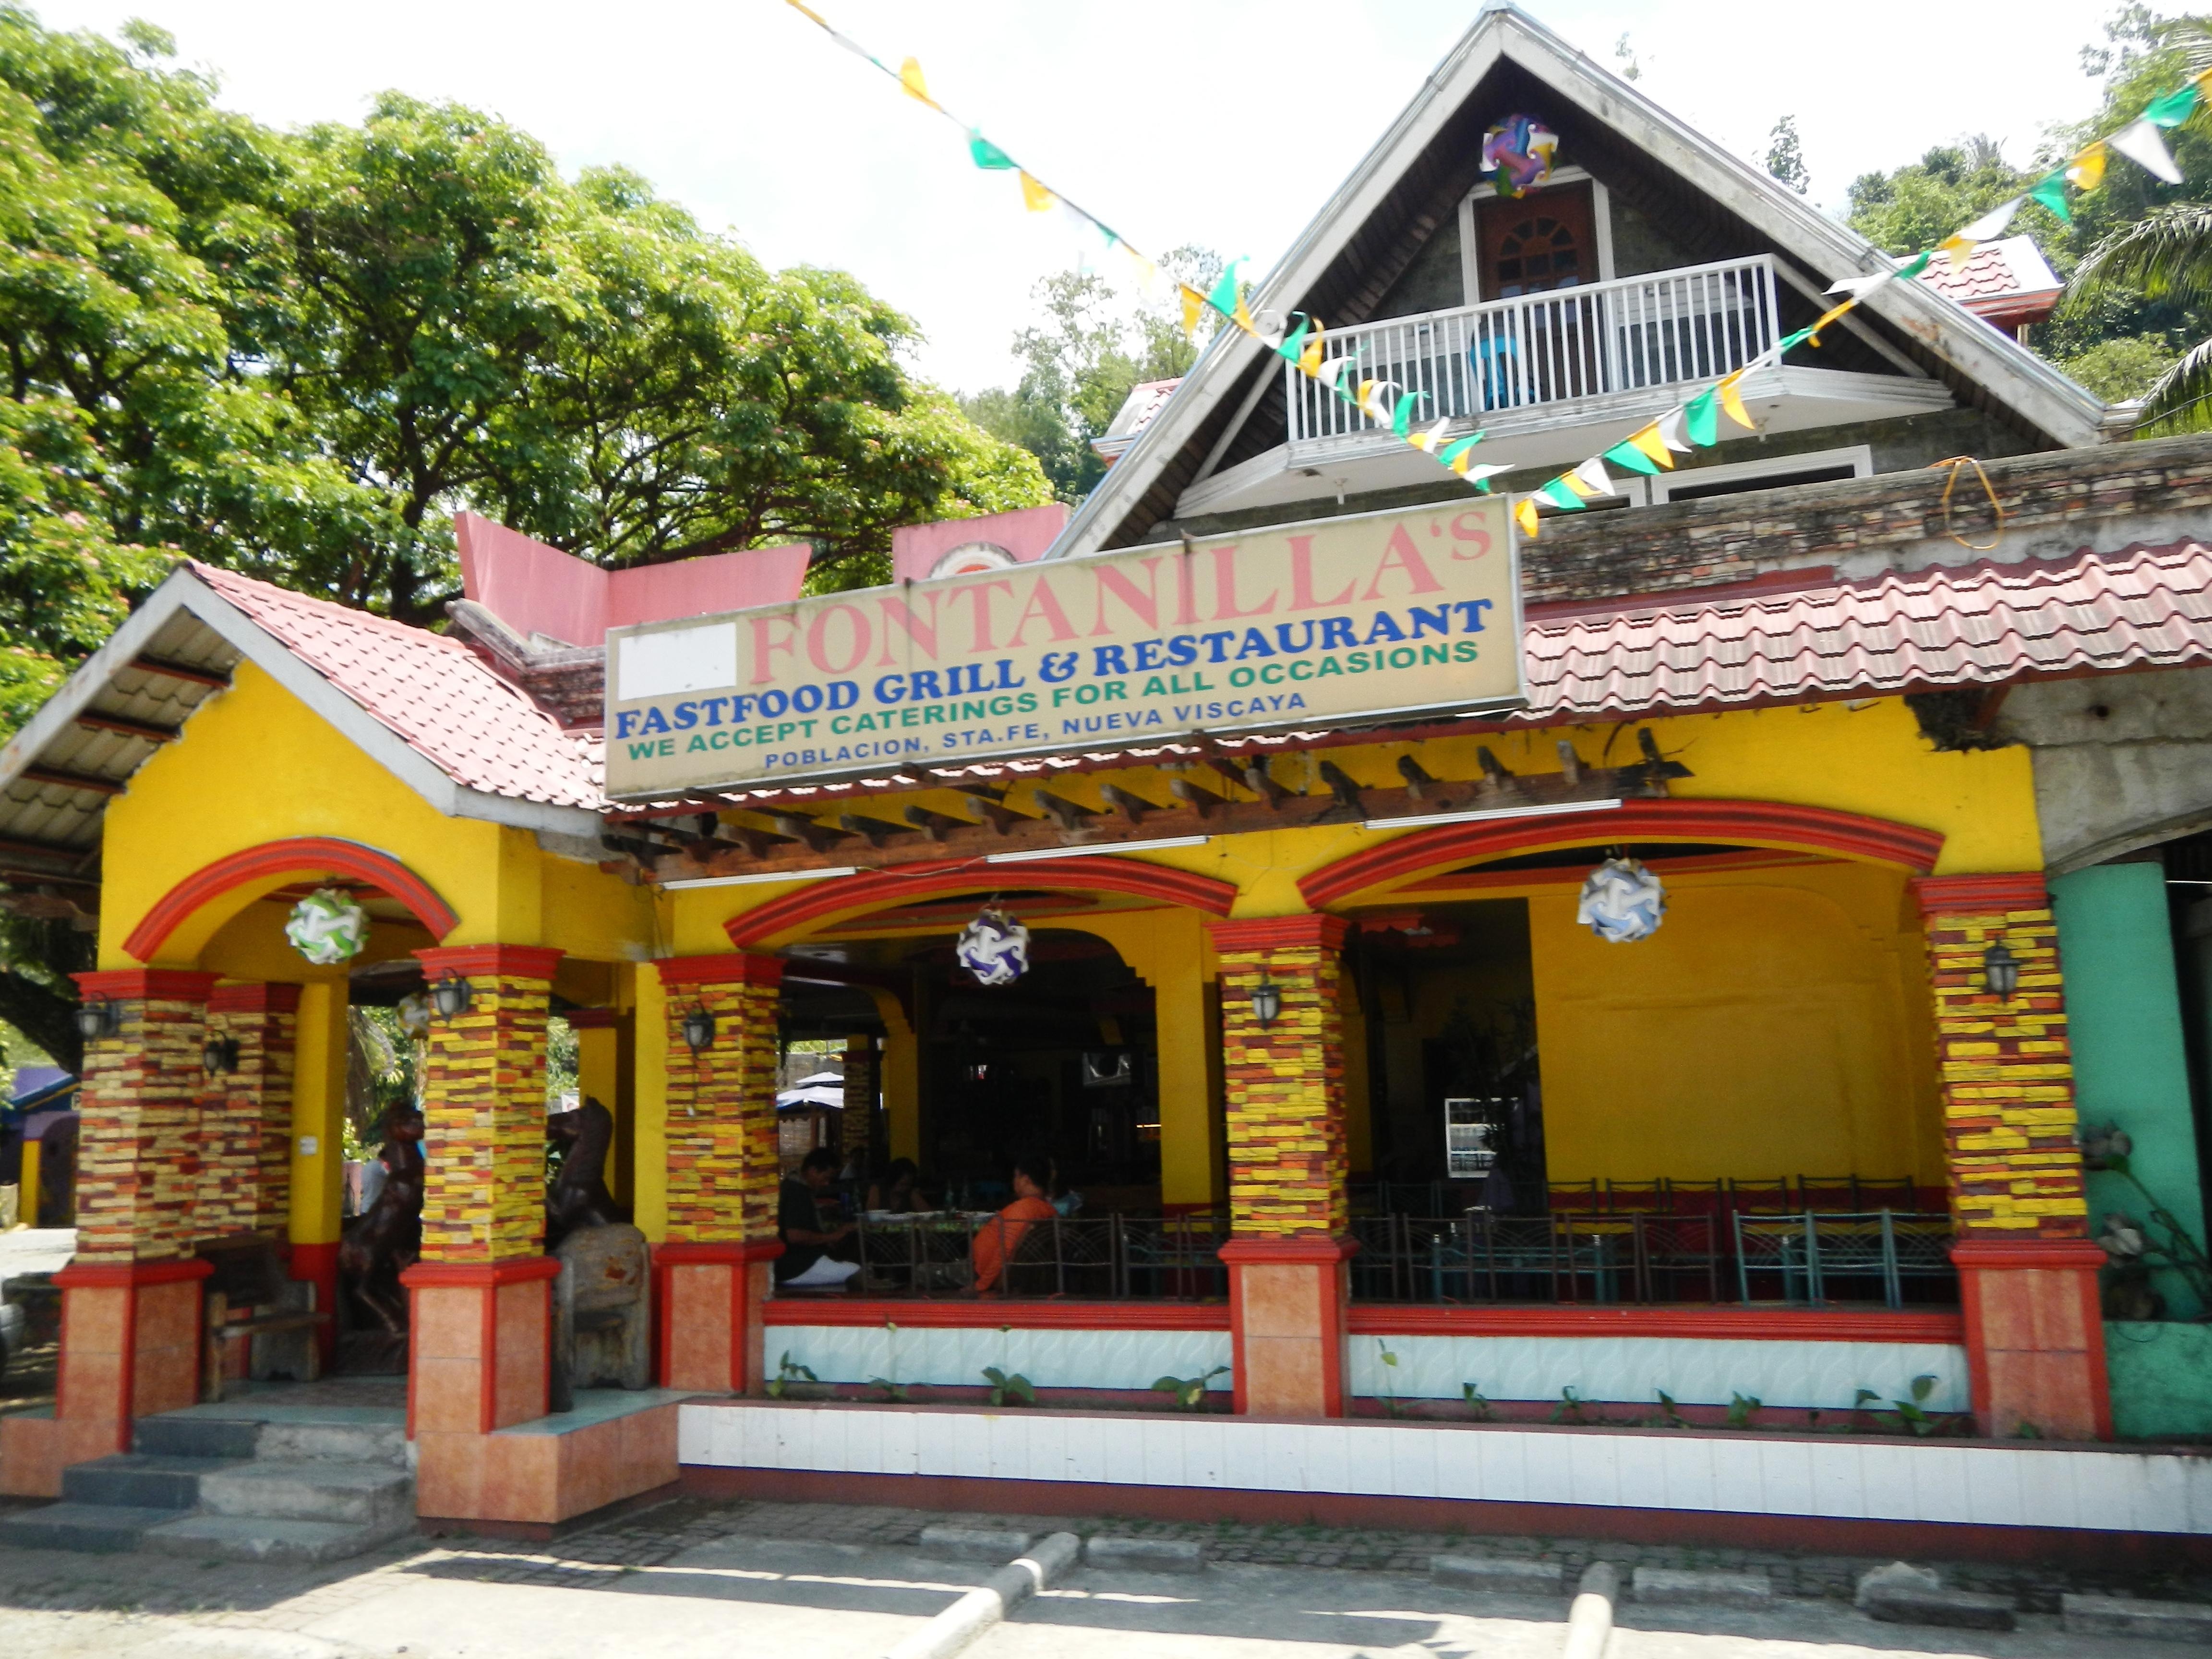 Filefontanillas Fastfood Grill Restaurant Santa Fe Nueva